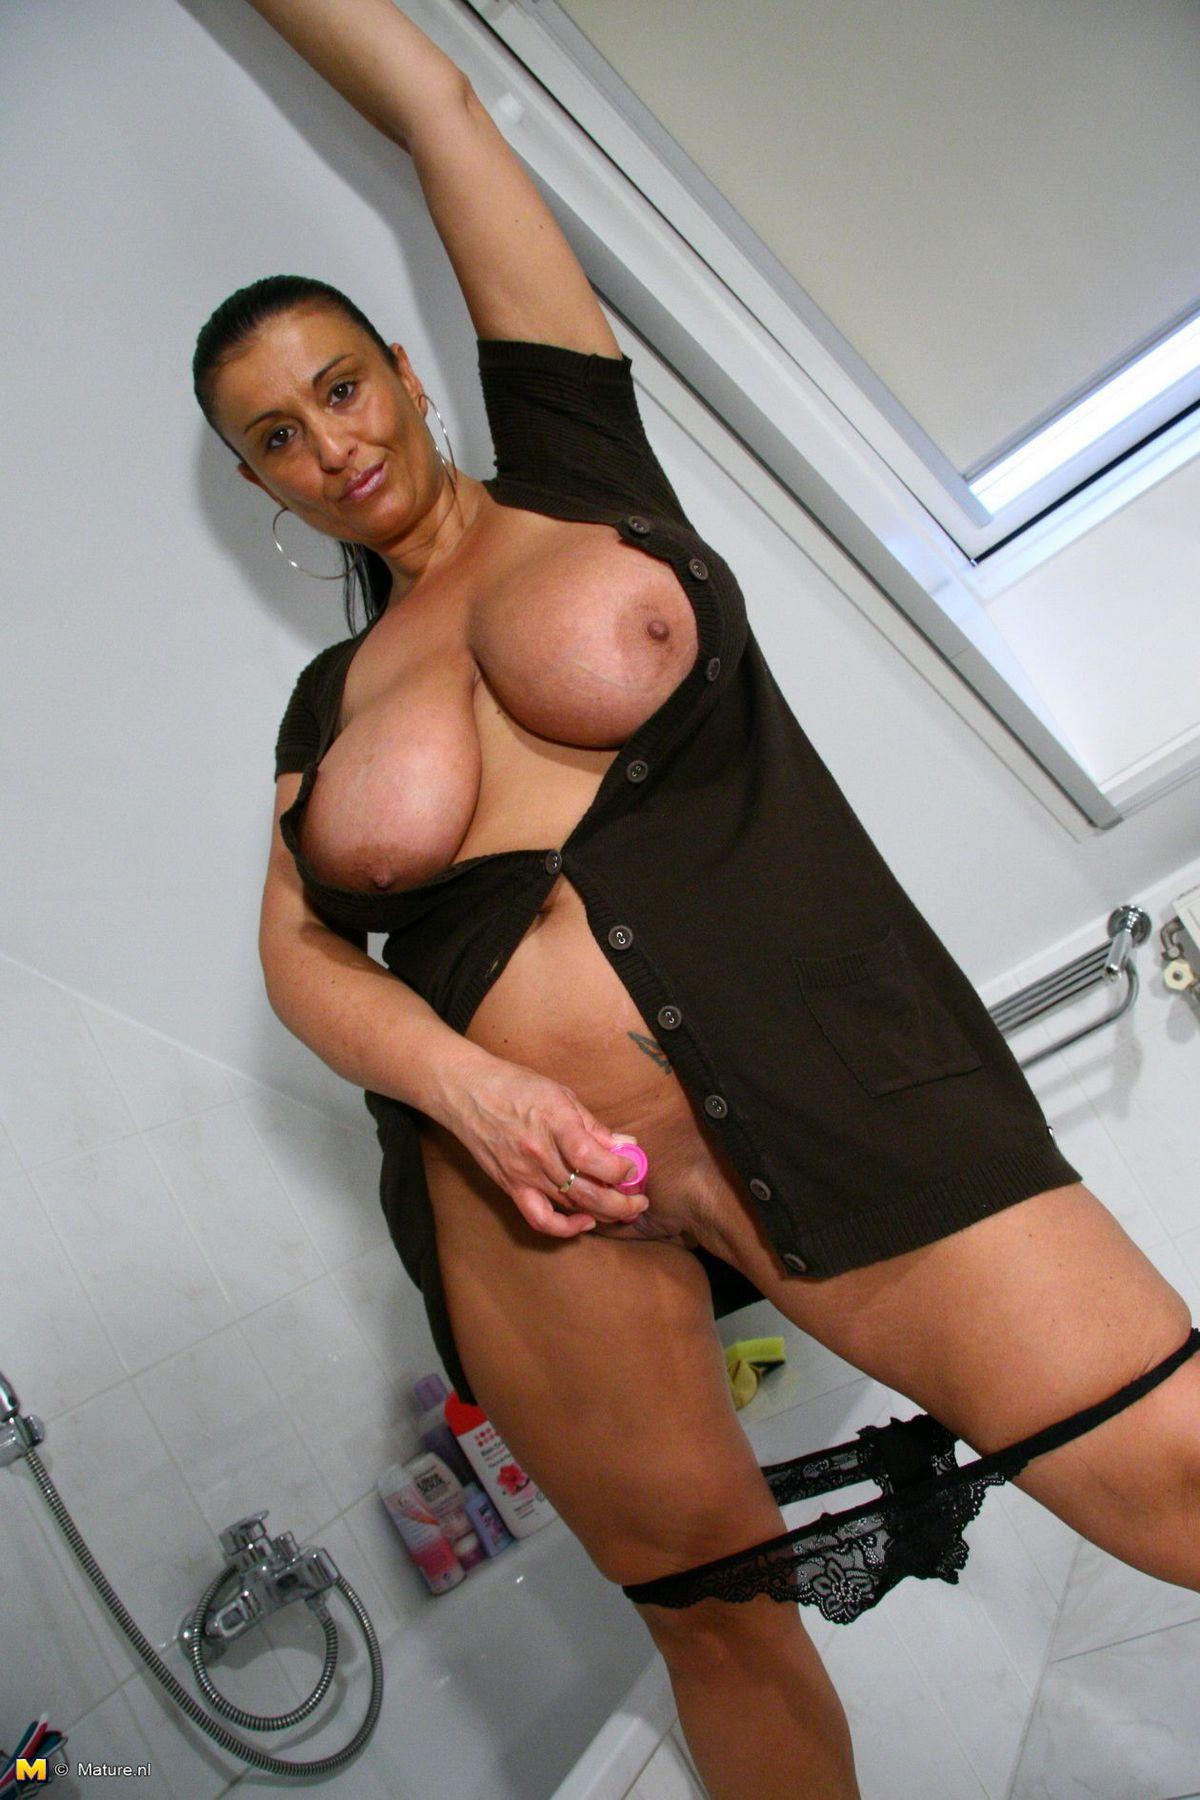 Мечтательная грудь взрослой соблазнительной особы женского пола